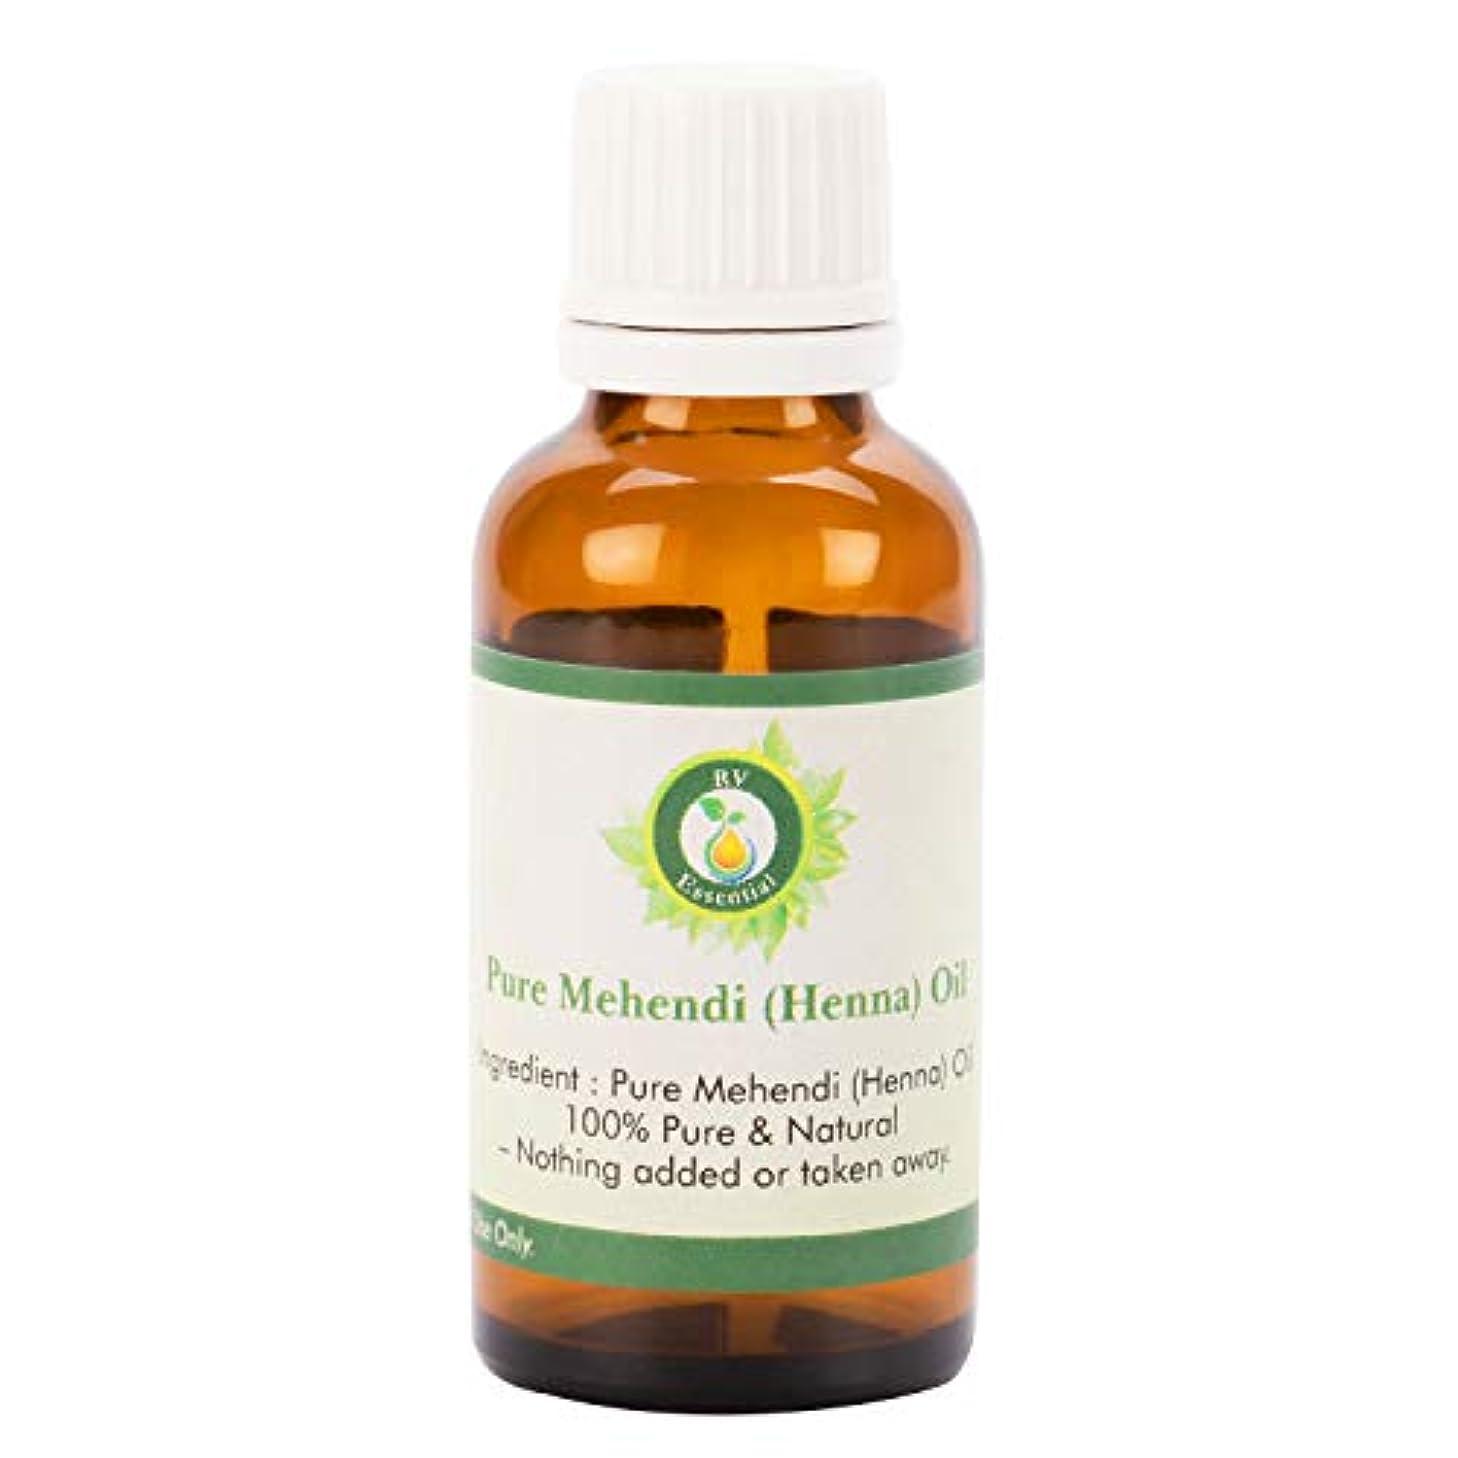 突然受付立派なピュアMehendi(ヘナ)オイル100ml (3.38oz)- (100%純粋でナチュラル) Pure Mehendi (Henna) Oil